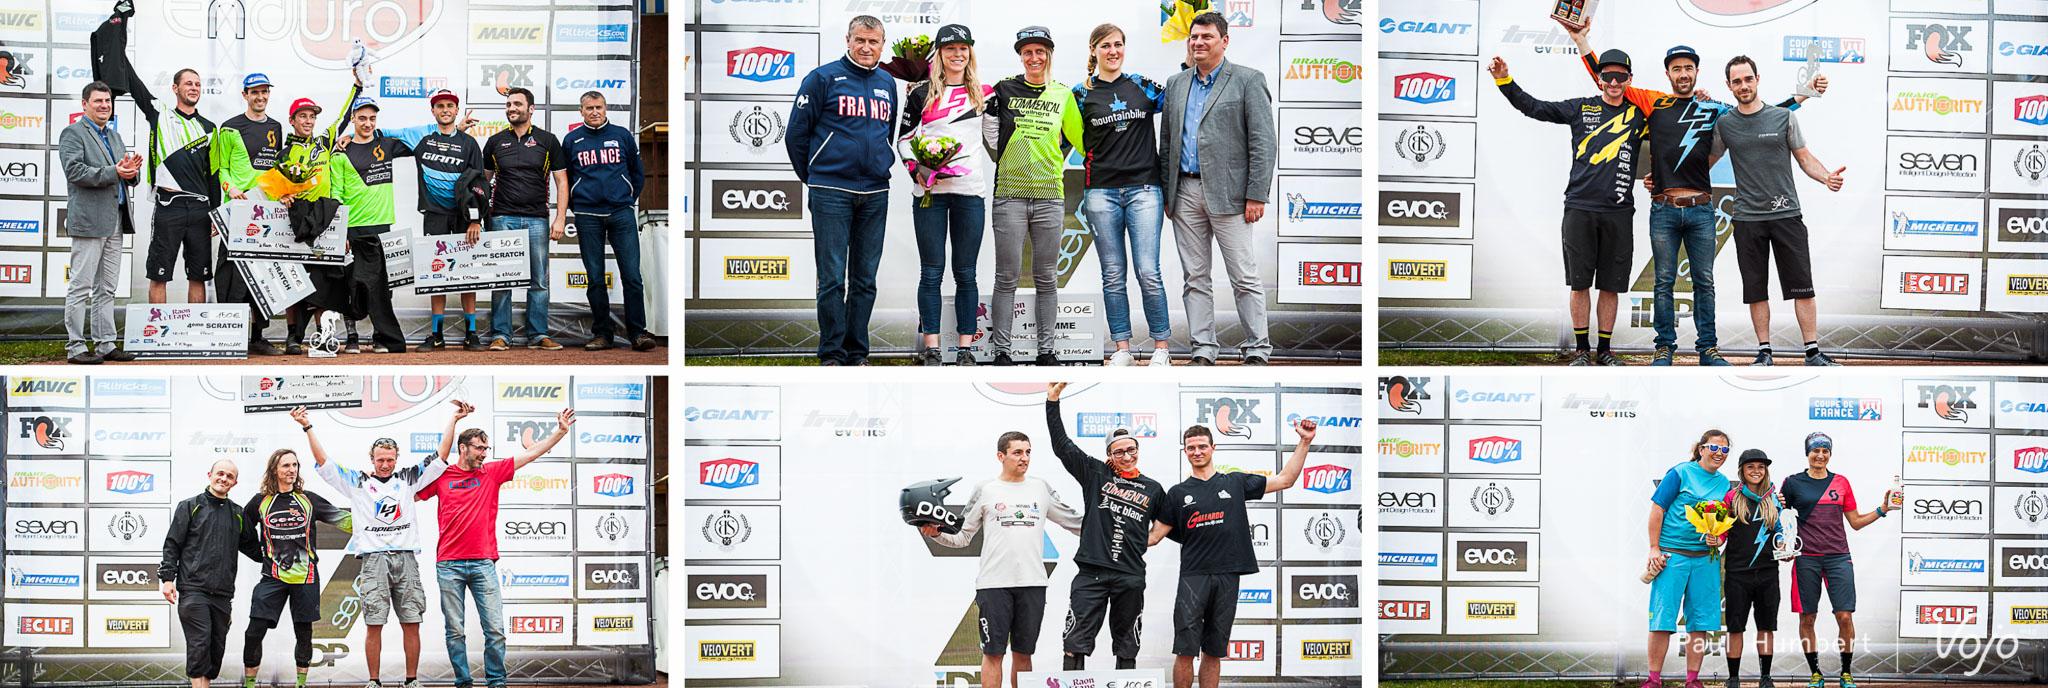 Raon-l-etape-vojo-2016-paul-humbert-86